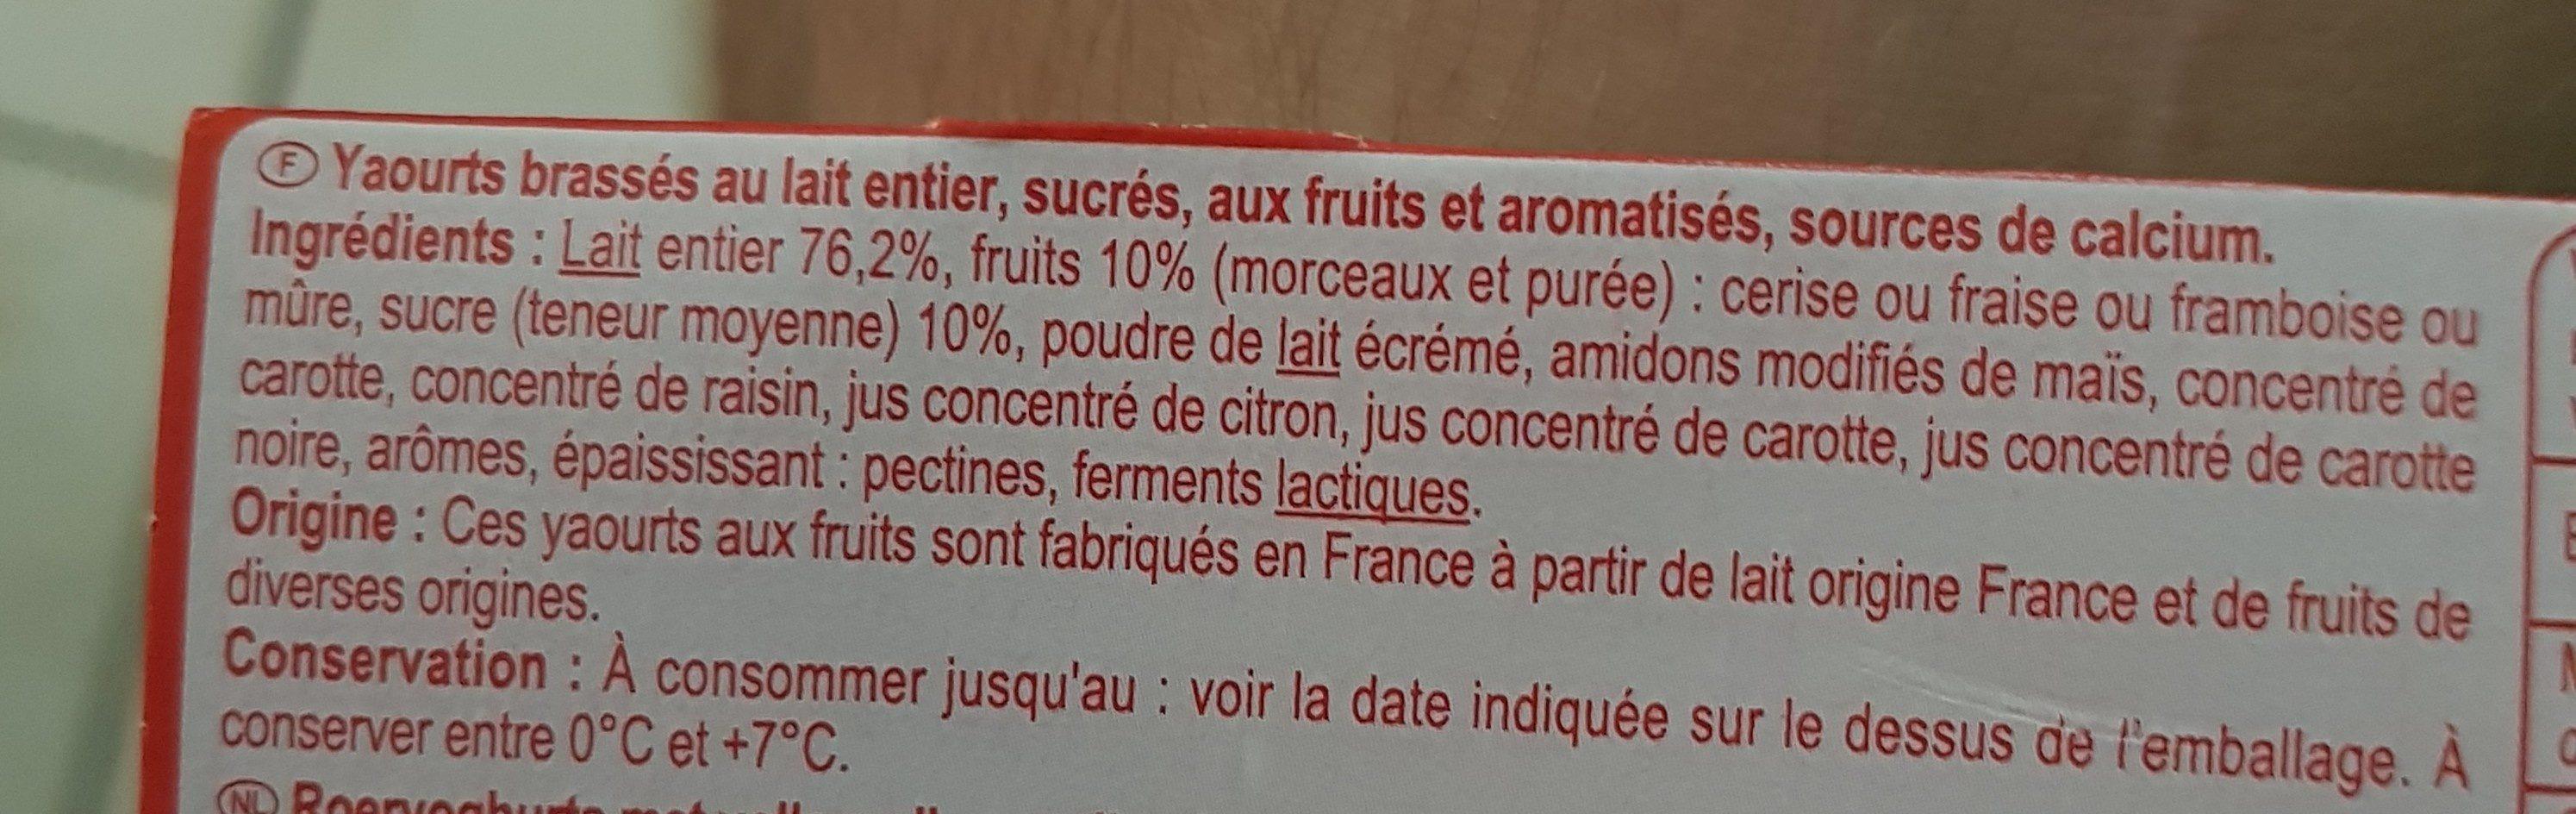 Yaourt fruits rouges avec morceaux - Ingredients - fr